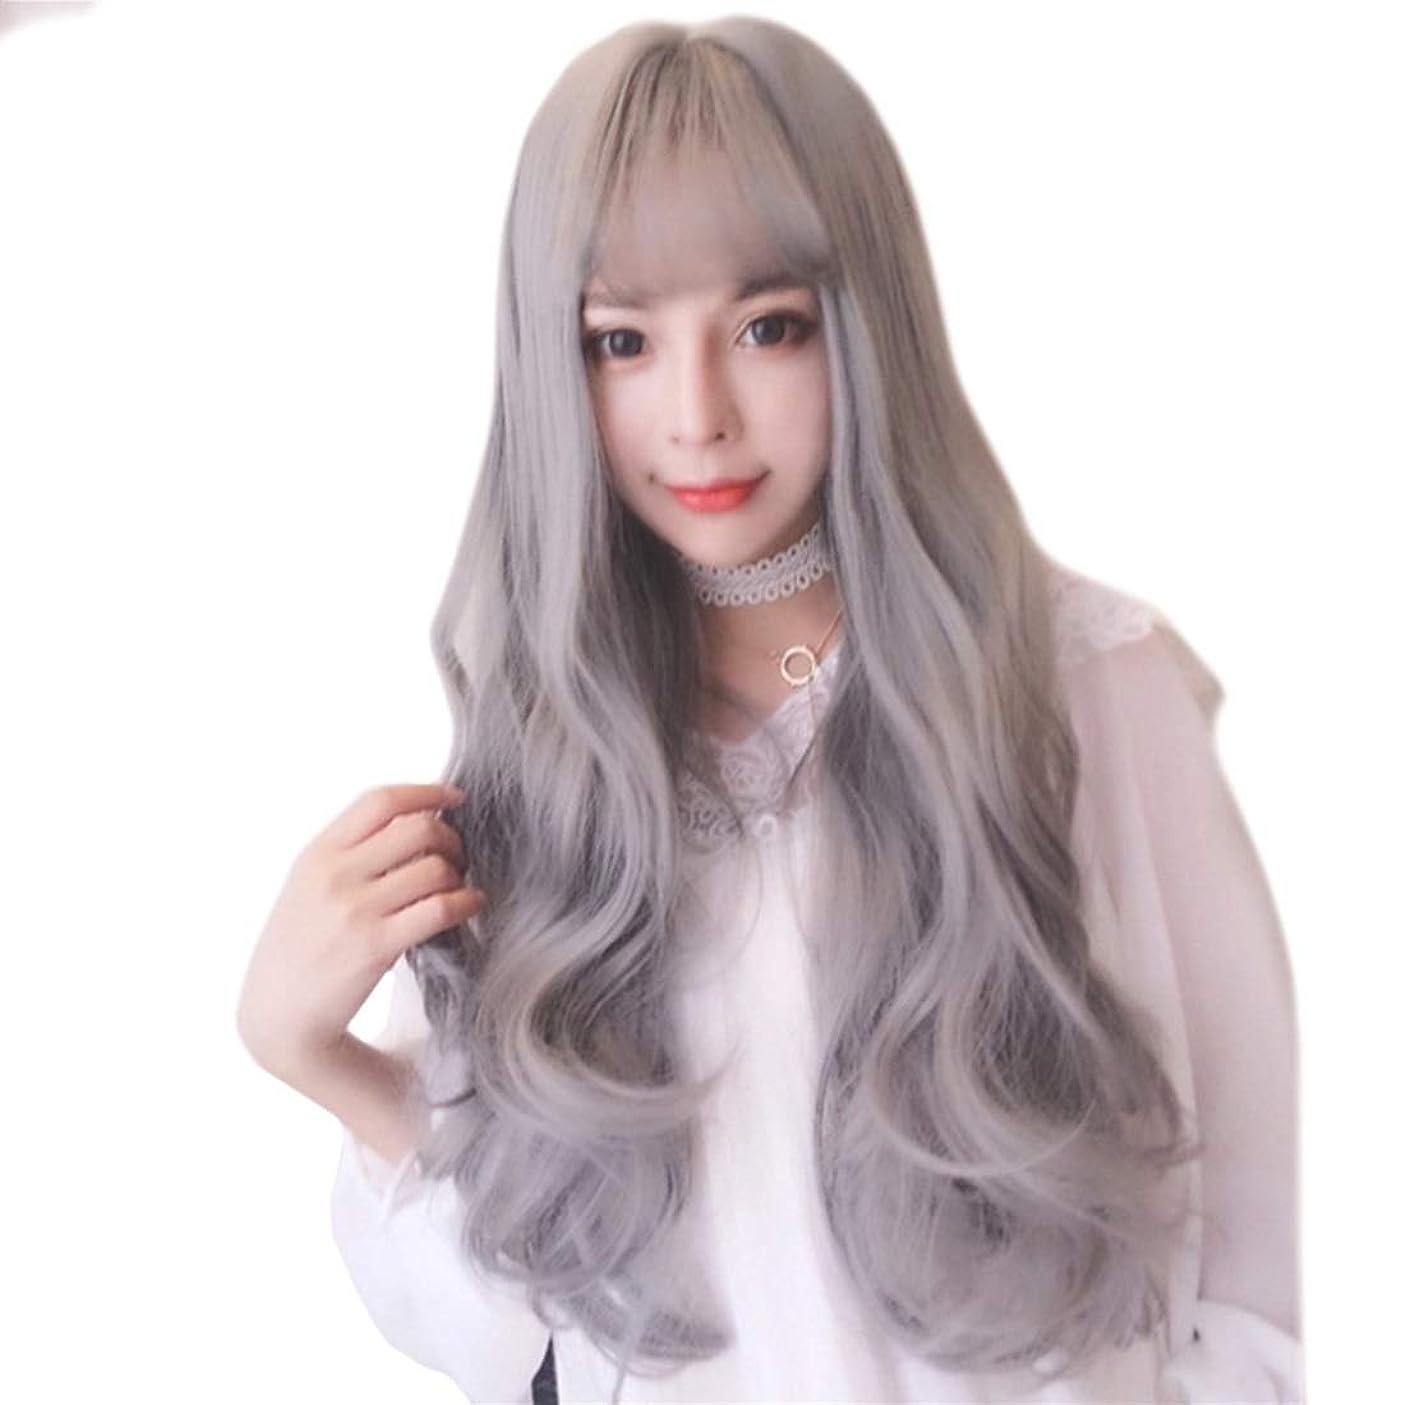 ファンタジー韓国放牧するKerwinner 女性の前髪自然な波長い巻き毛の耐熱性合成かつらをかつら